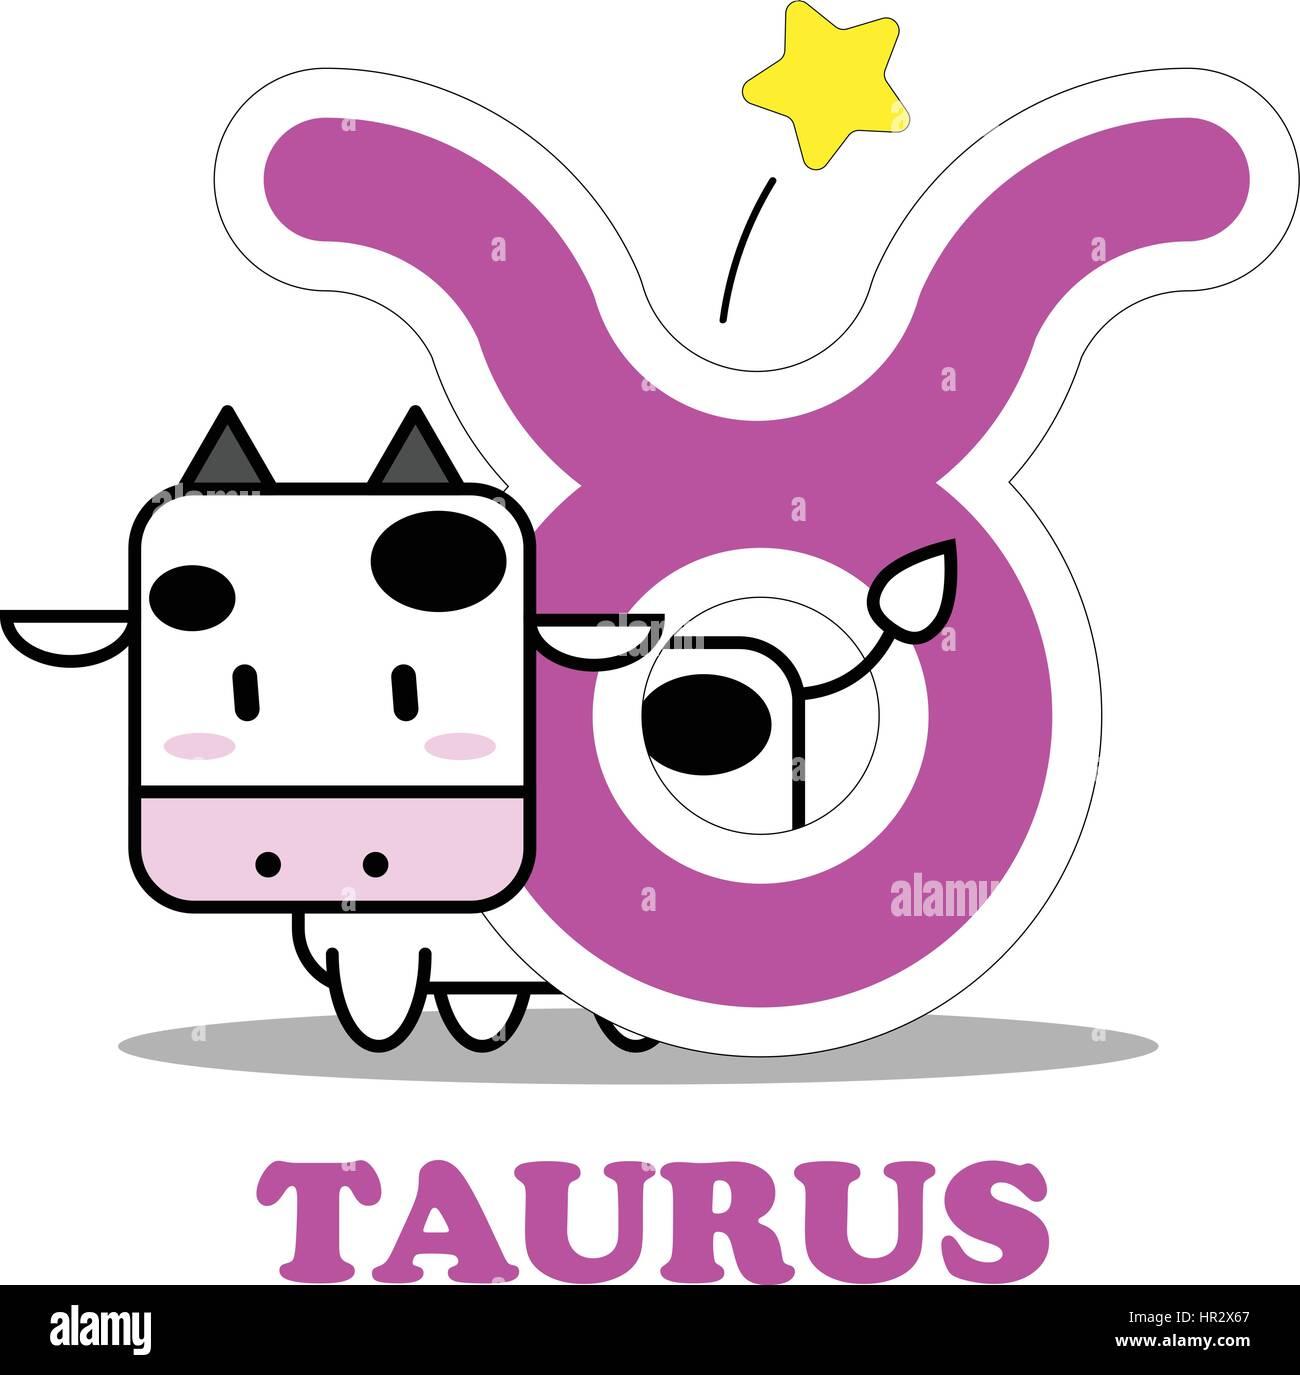 Symbol Taurus Zodiac Sign Vector Stockfotos & Symbol Taurus Zodiac ...